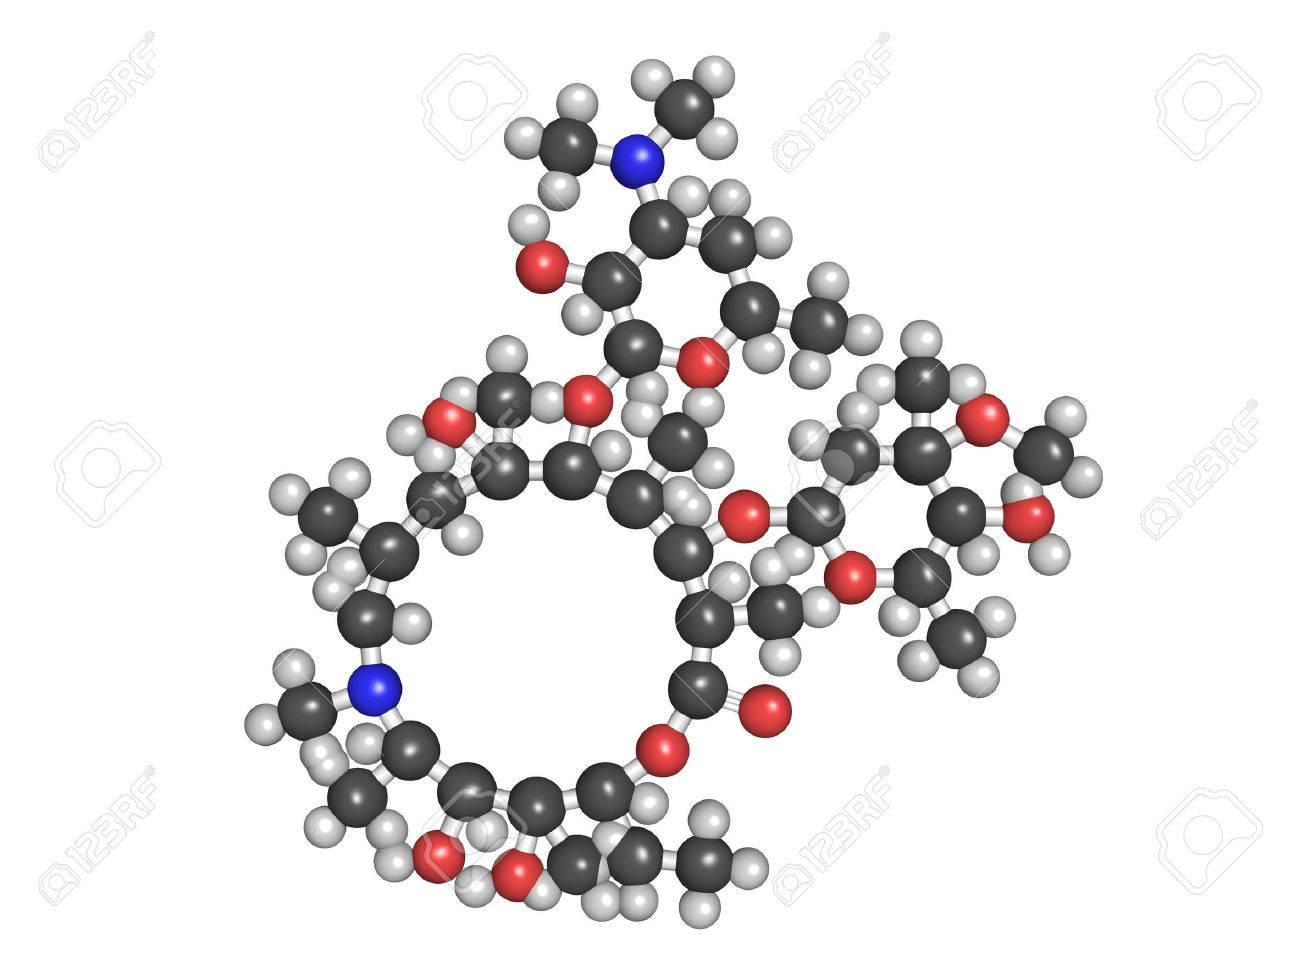 ライド 抗生 物質 系 マクロ